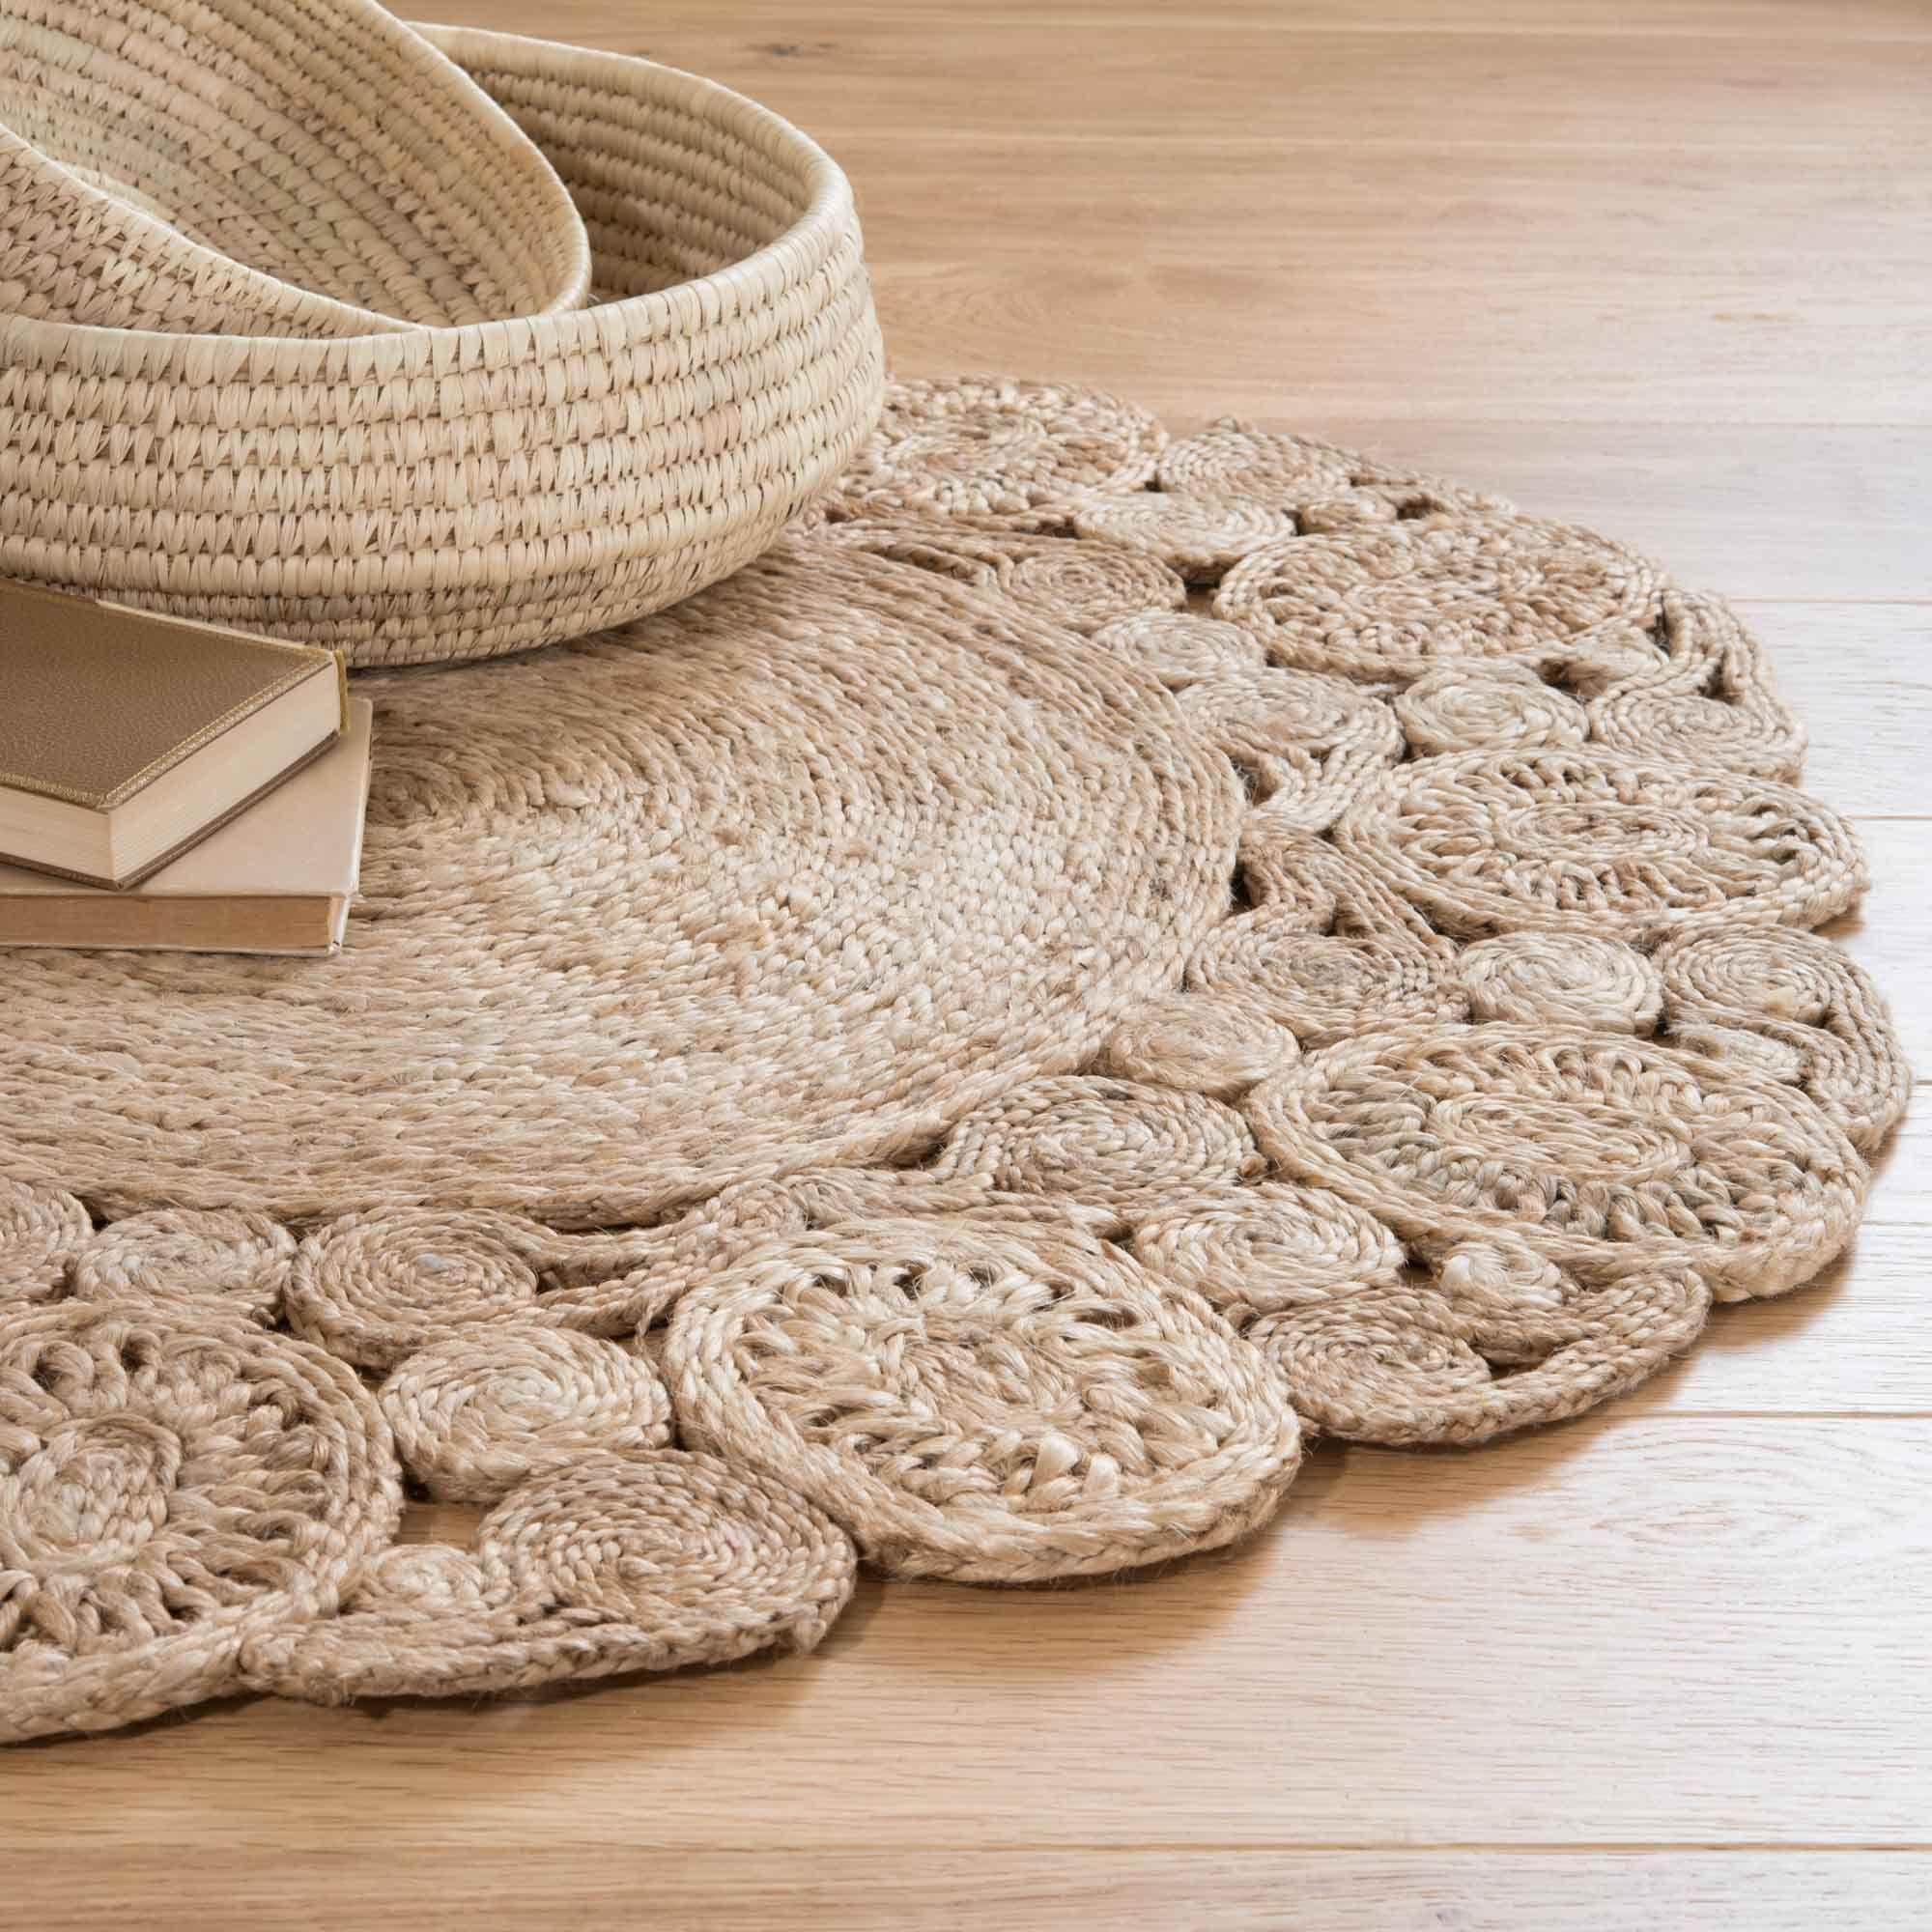 Alfombra redonda de yute d 90 cm kuta objetos decoraci n casa pinterest - Alfombras fibras naturales ...